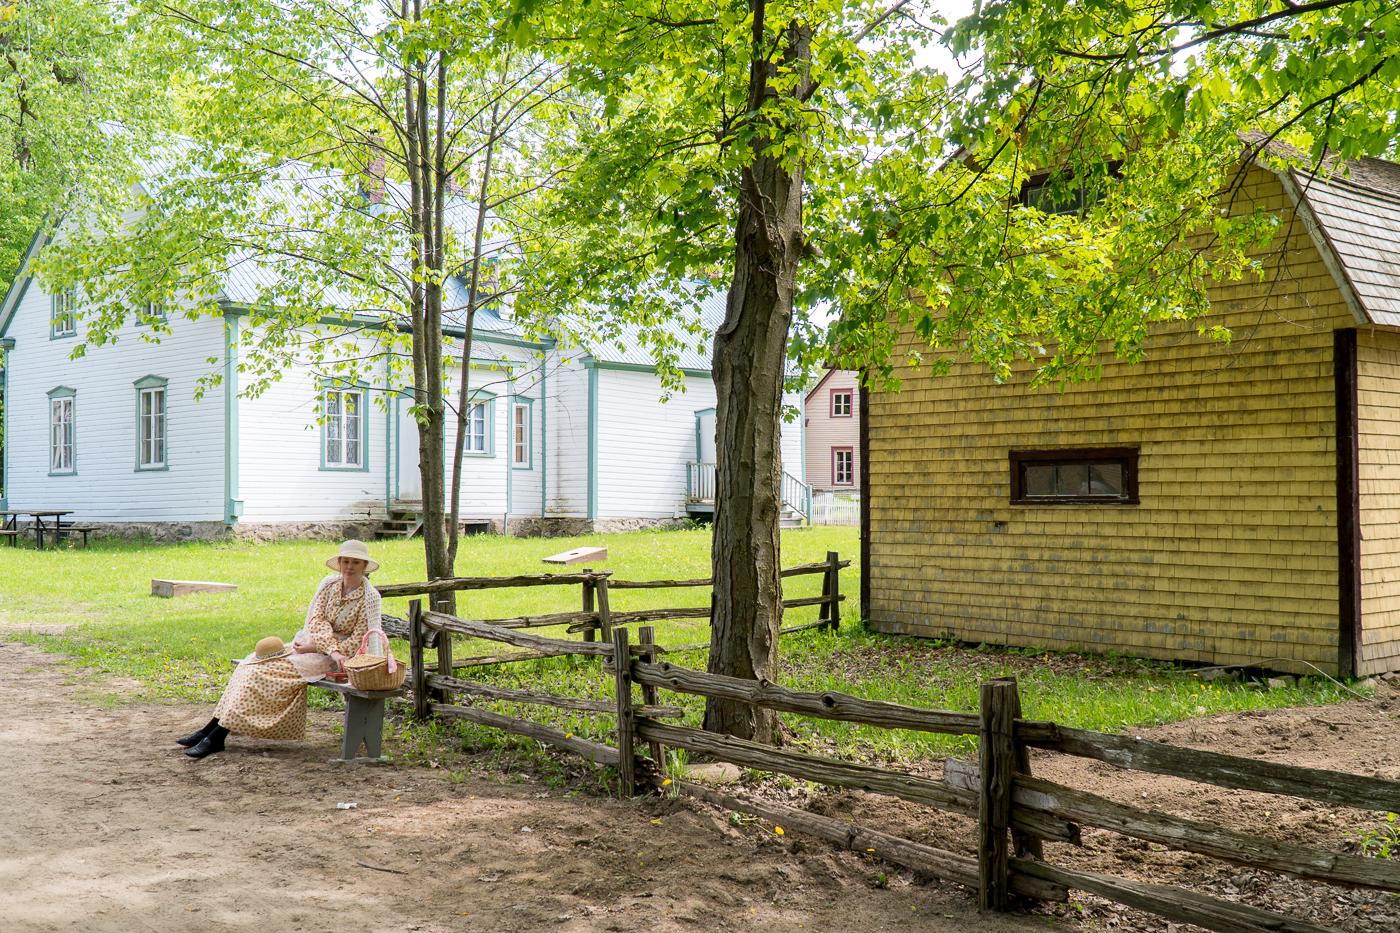 Personnage assis au Village québécois d'antan, un incontournable à faire à Drummondville